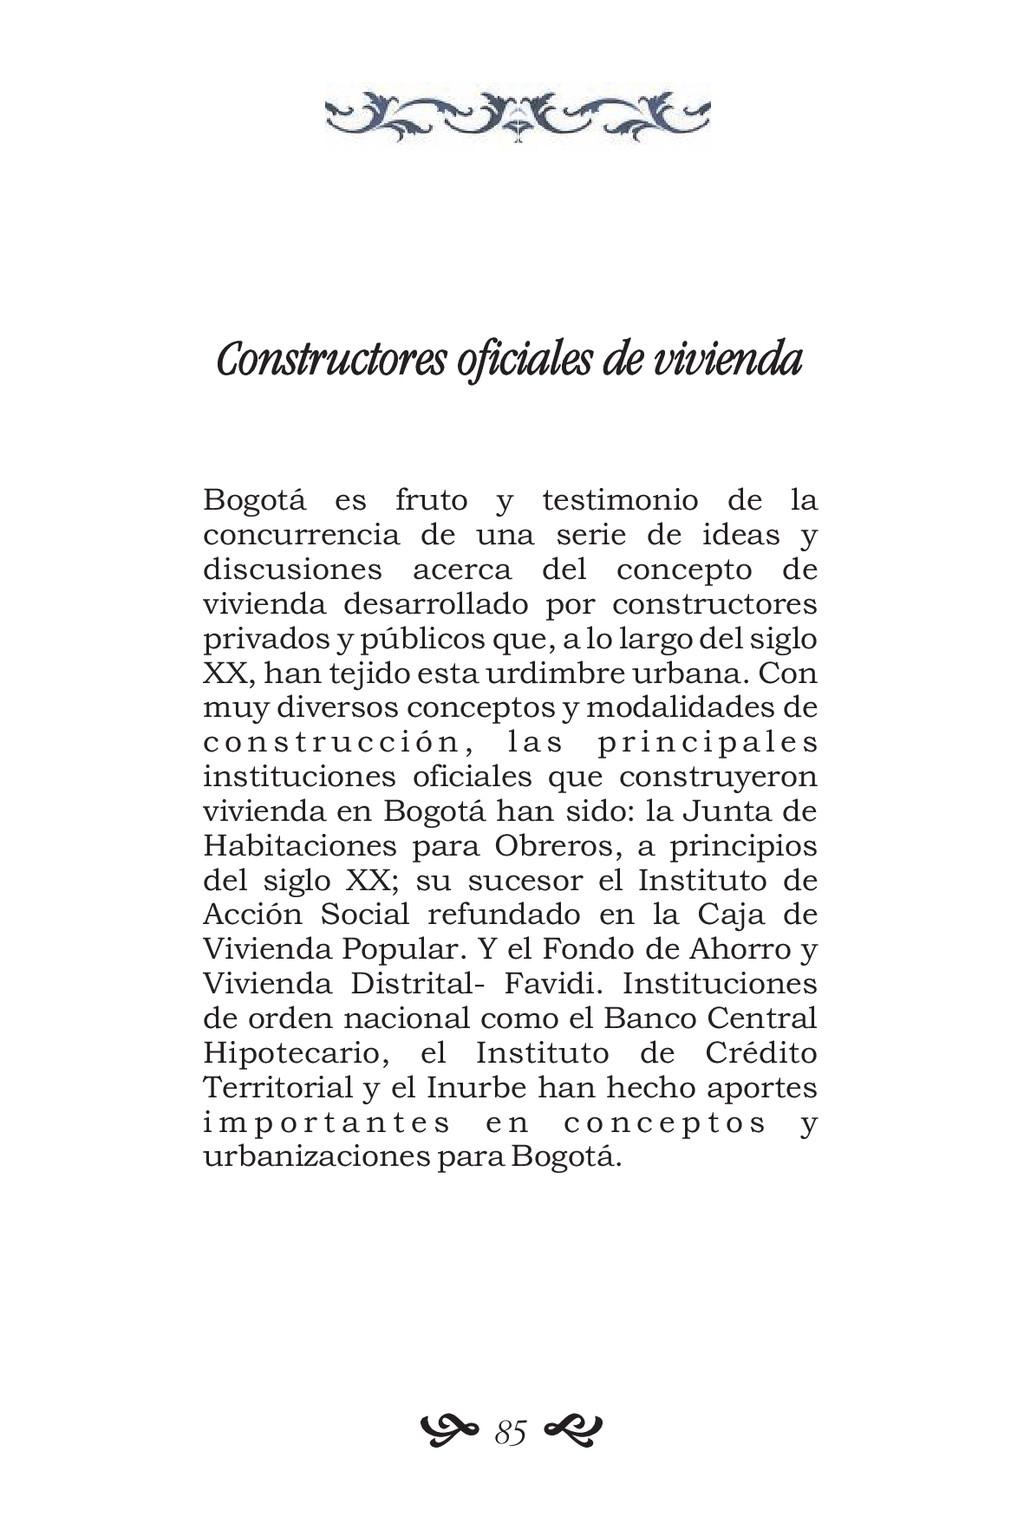 Constructores oficiales de vivienda Bogotá es f...